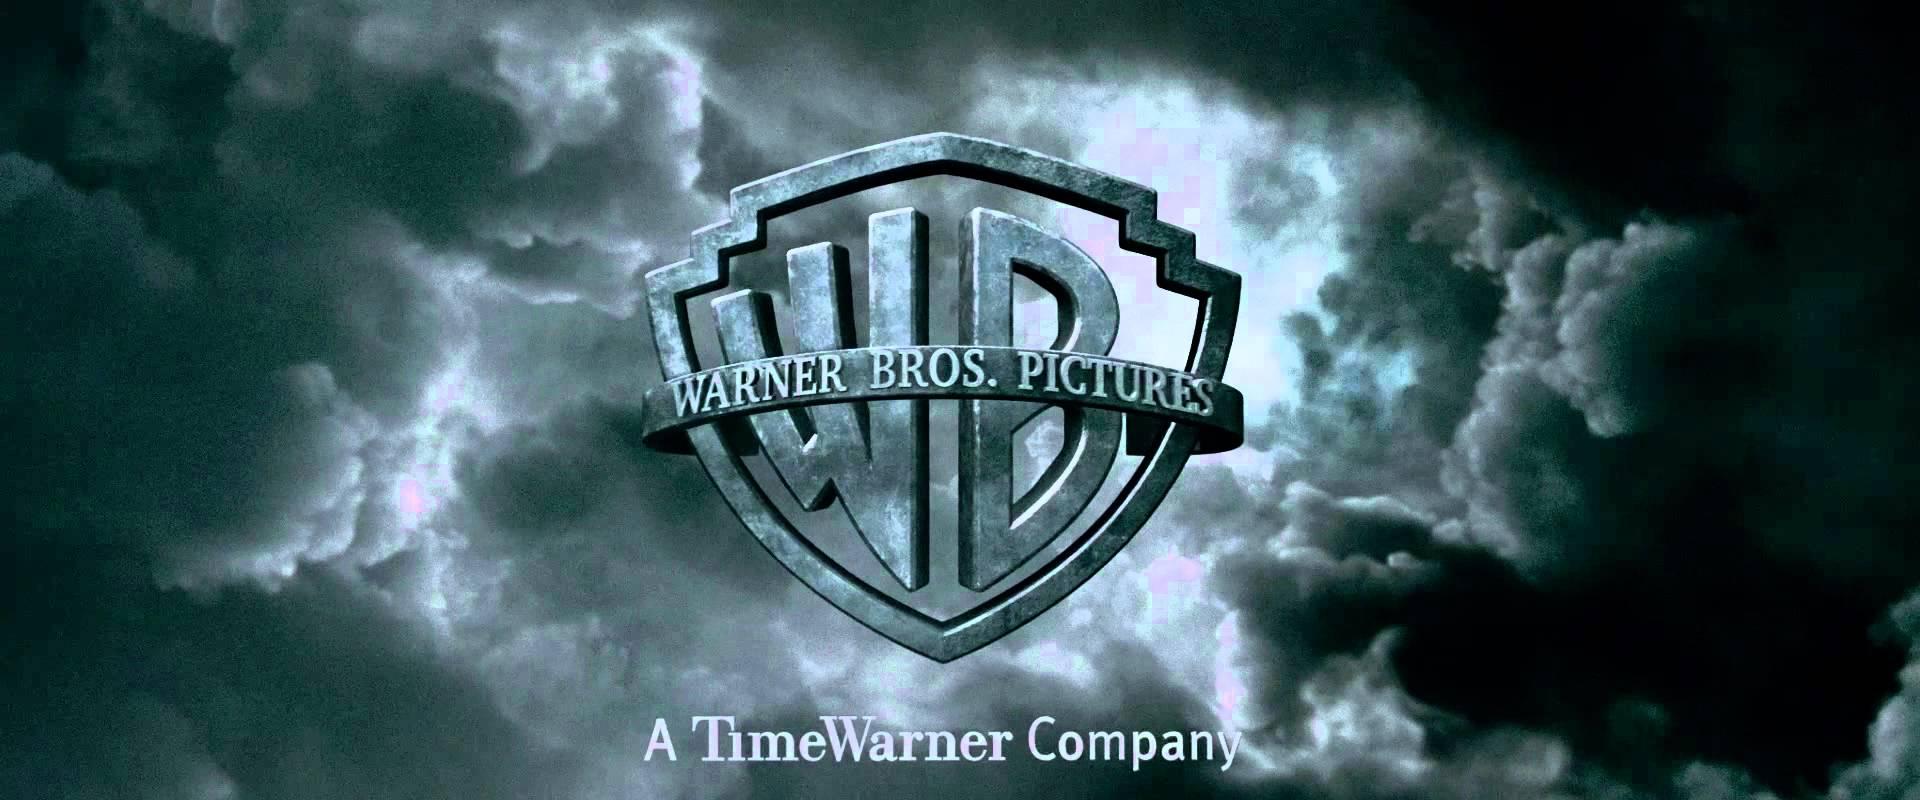 Harry potter warner bros Logos.